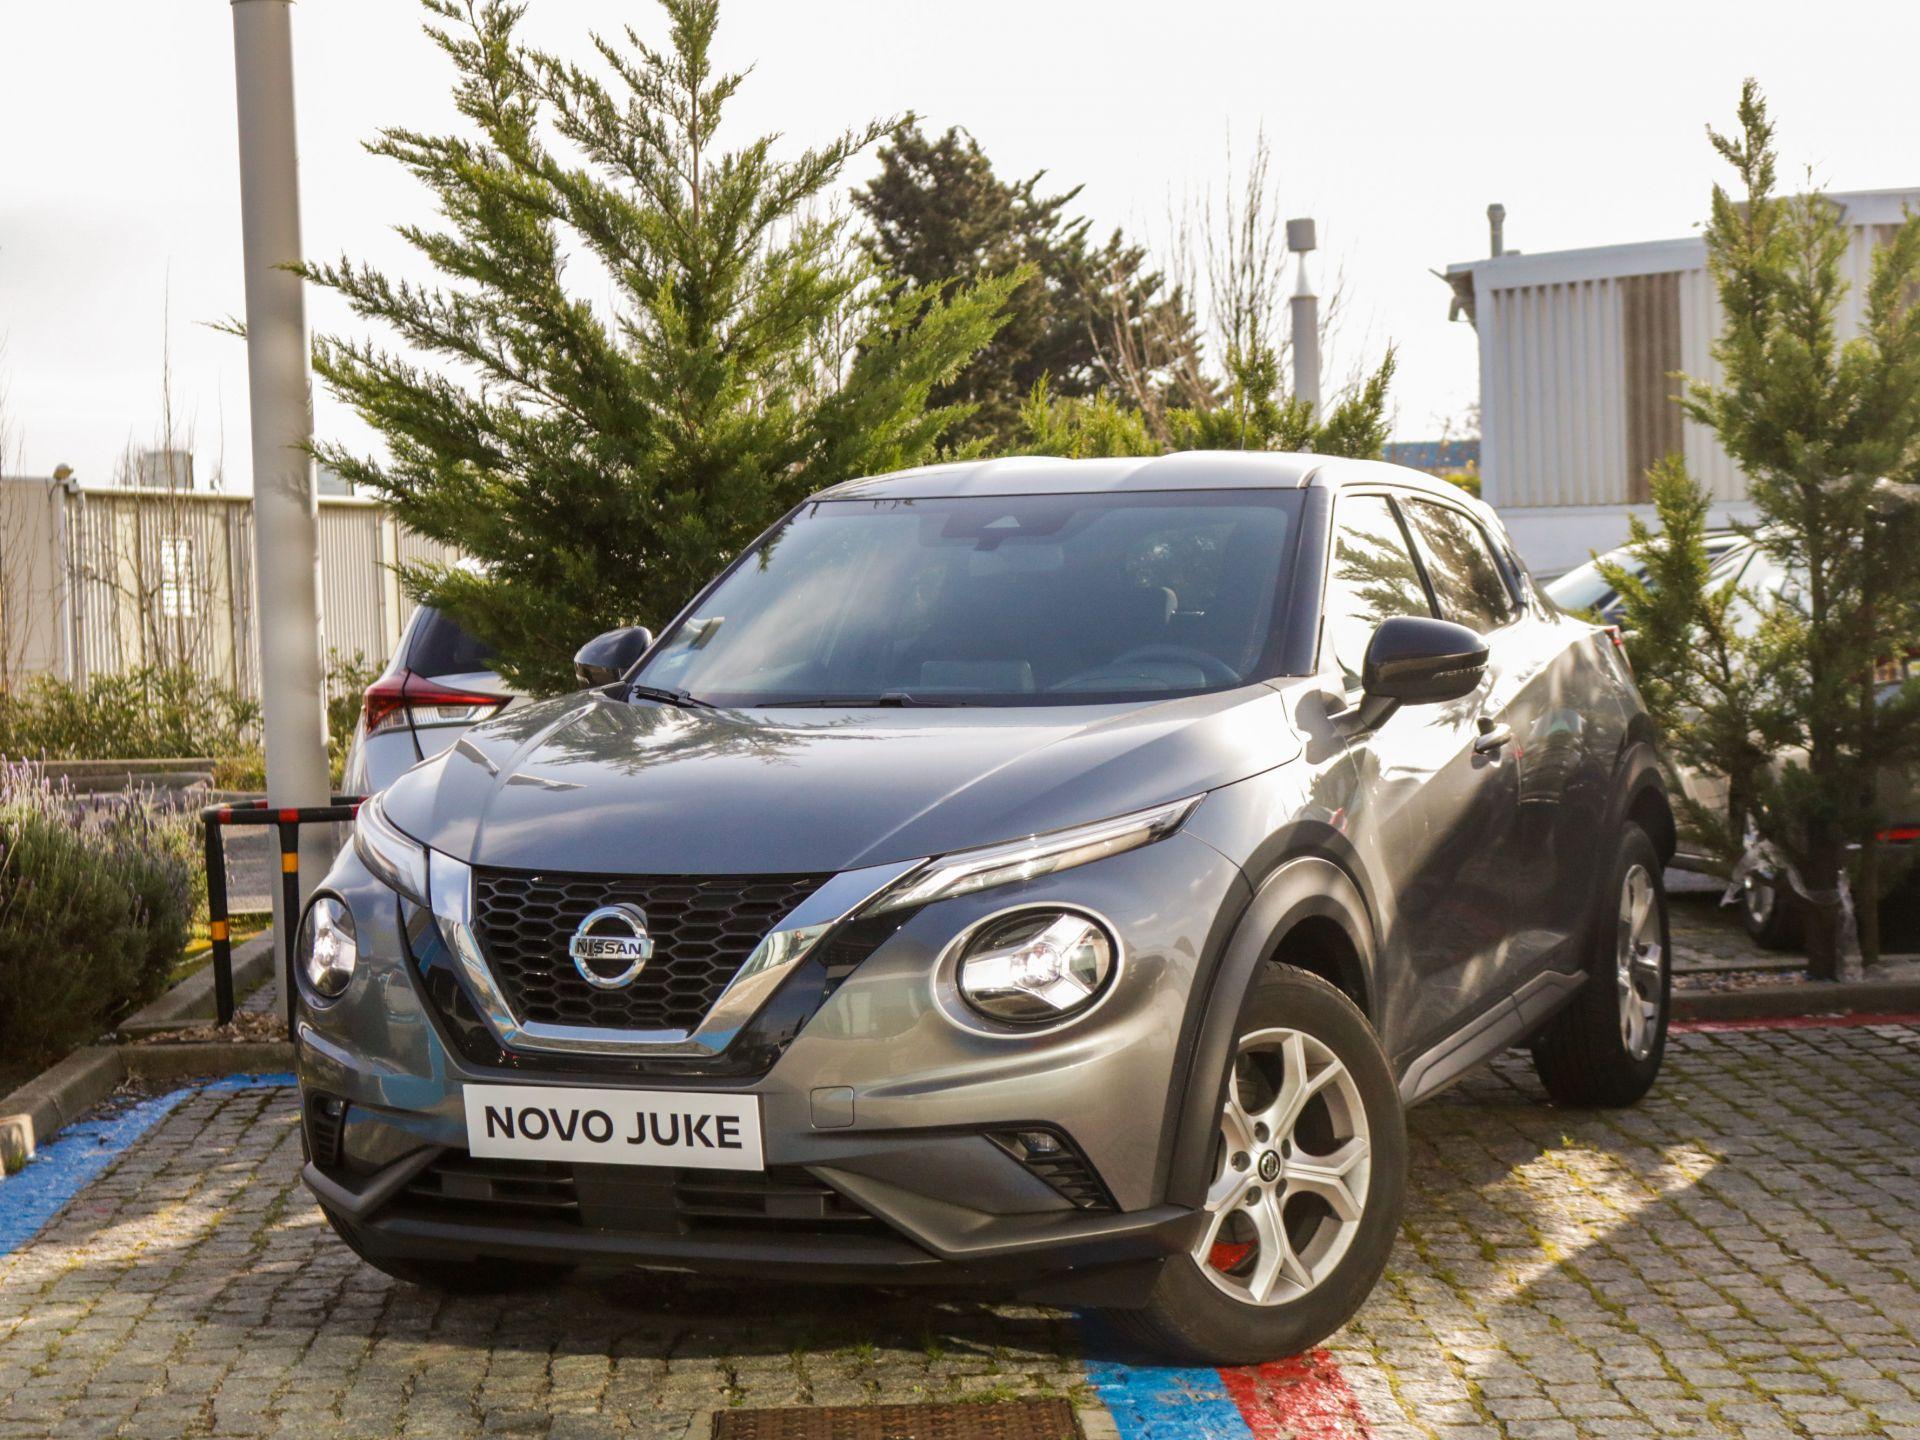 Nissan JUKE 1.0 DIG-T 117C6 M/T ACENTDESIGN P. DESIGN segunda mão Lisboa